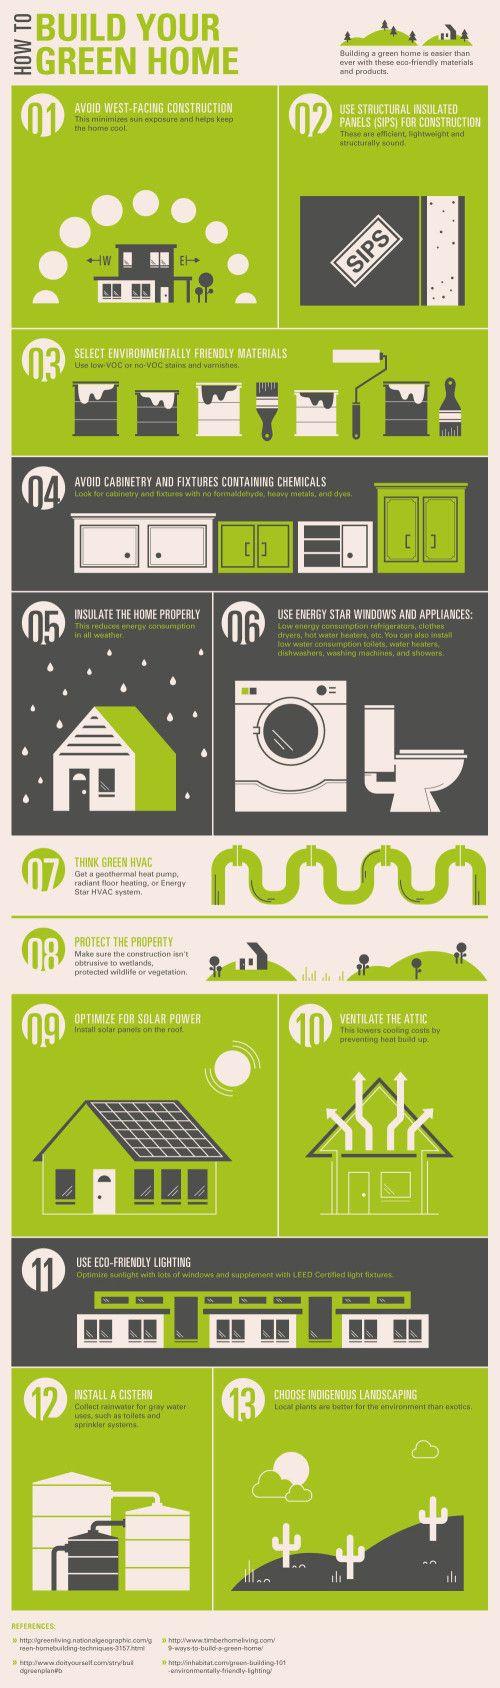 Thirteen Elements of a Dream Green Home